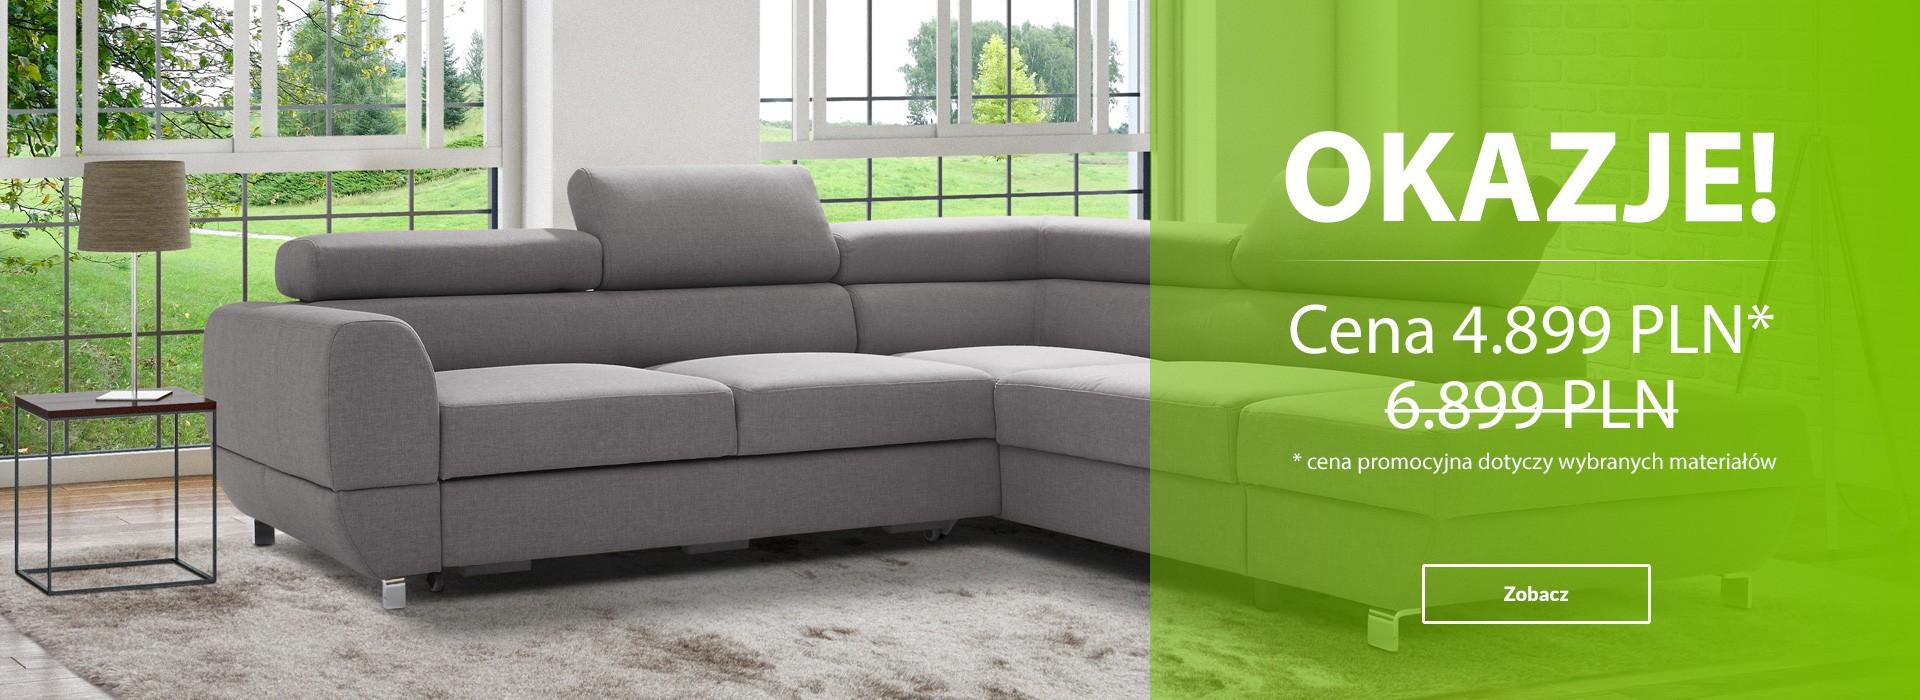 EMPORIO komfortowy narożnik marki CAYA DESIGN teraz taniej aż o 2000 pln. Oferta dotyczy wybranych materiałów plamoodpornych Magic Home. Sprawdź nas!